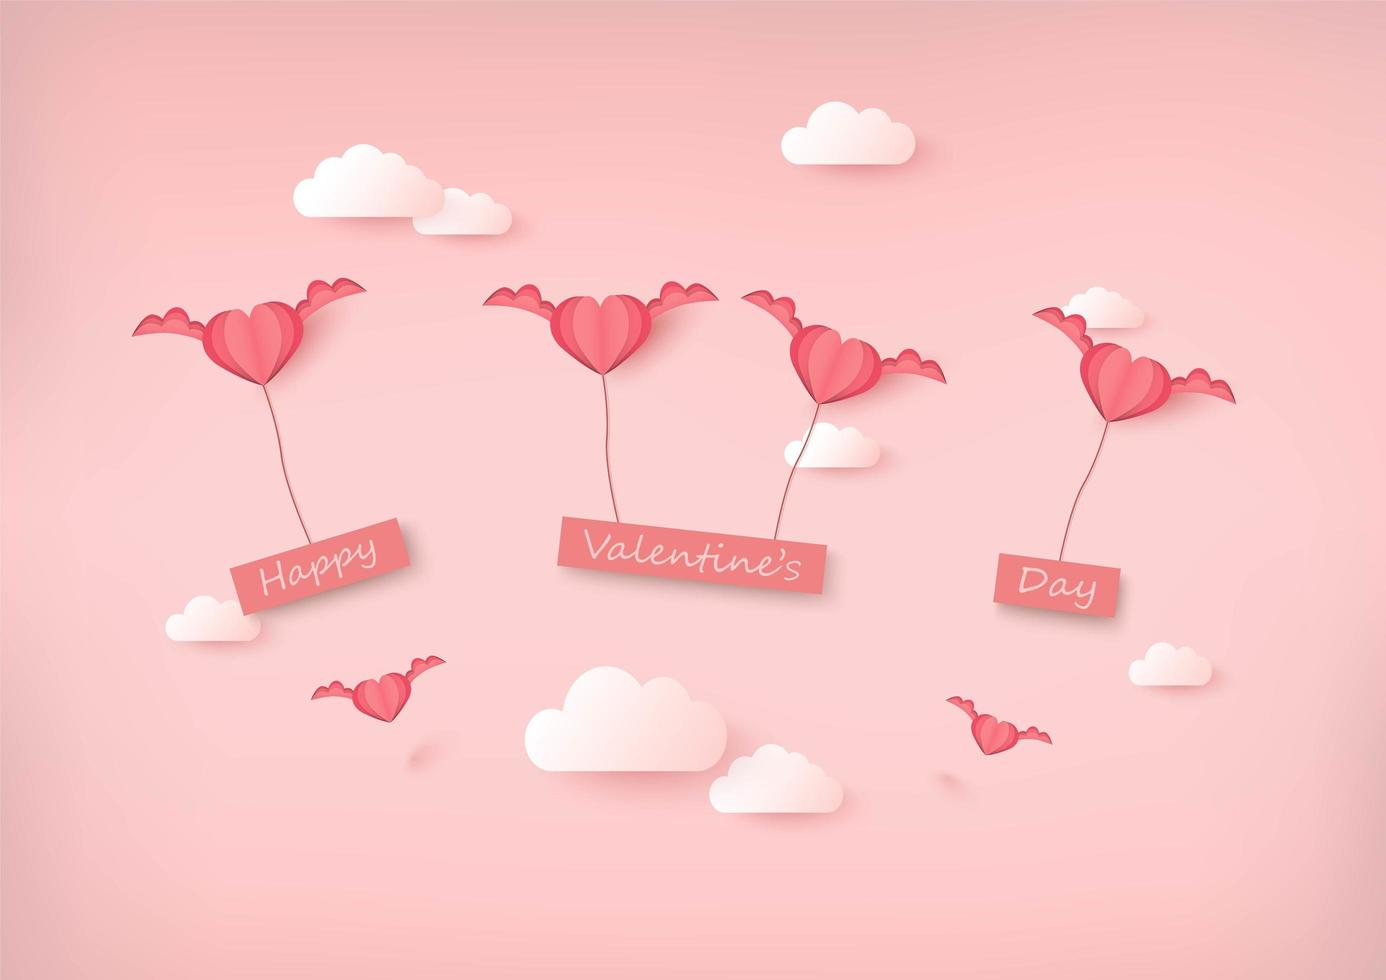 Happy Valentine's Day teken geschorst door papier gesneden stijl gevleugelde harten vector